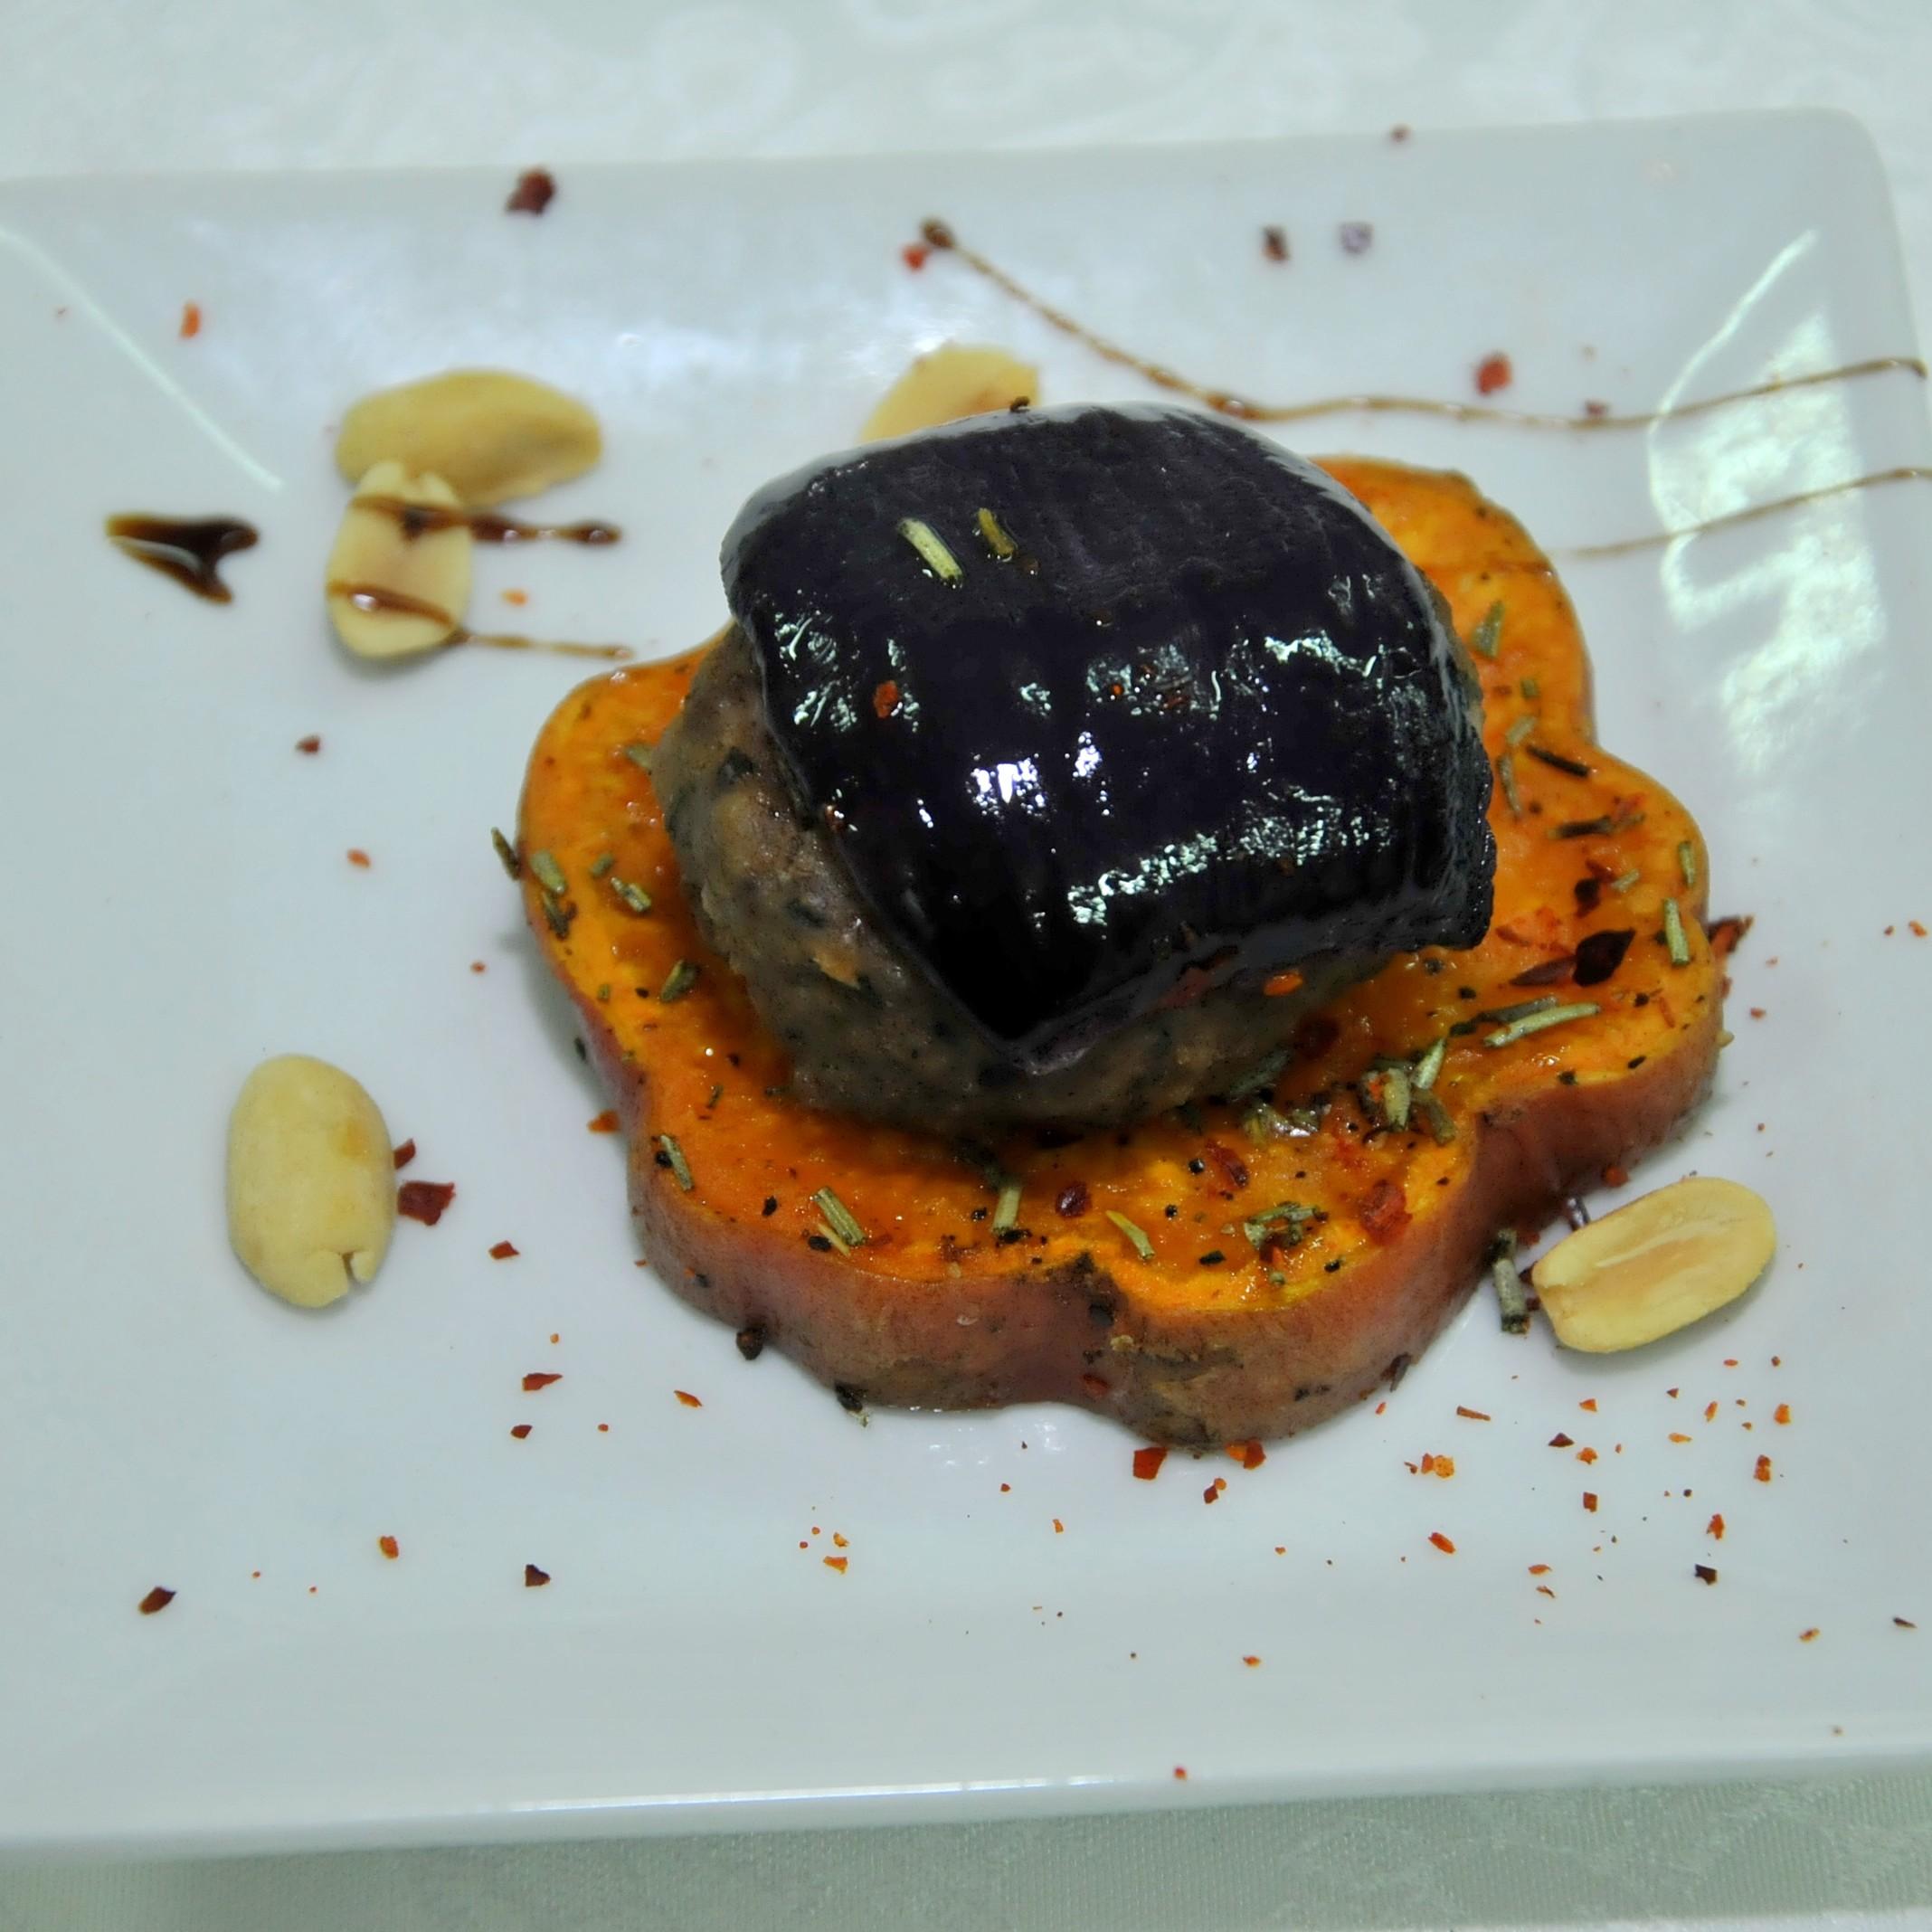 קייטרינג האצולה - הגשה מרגשת של אוכל